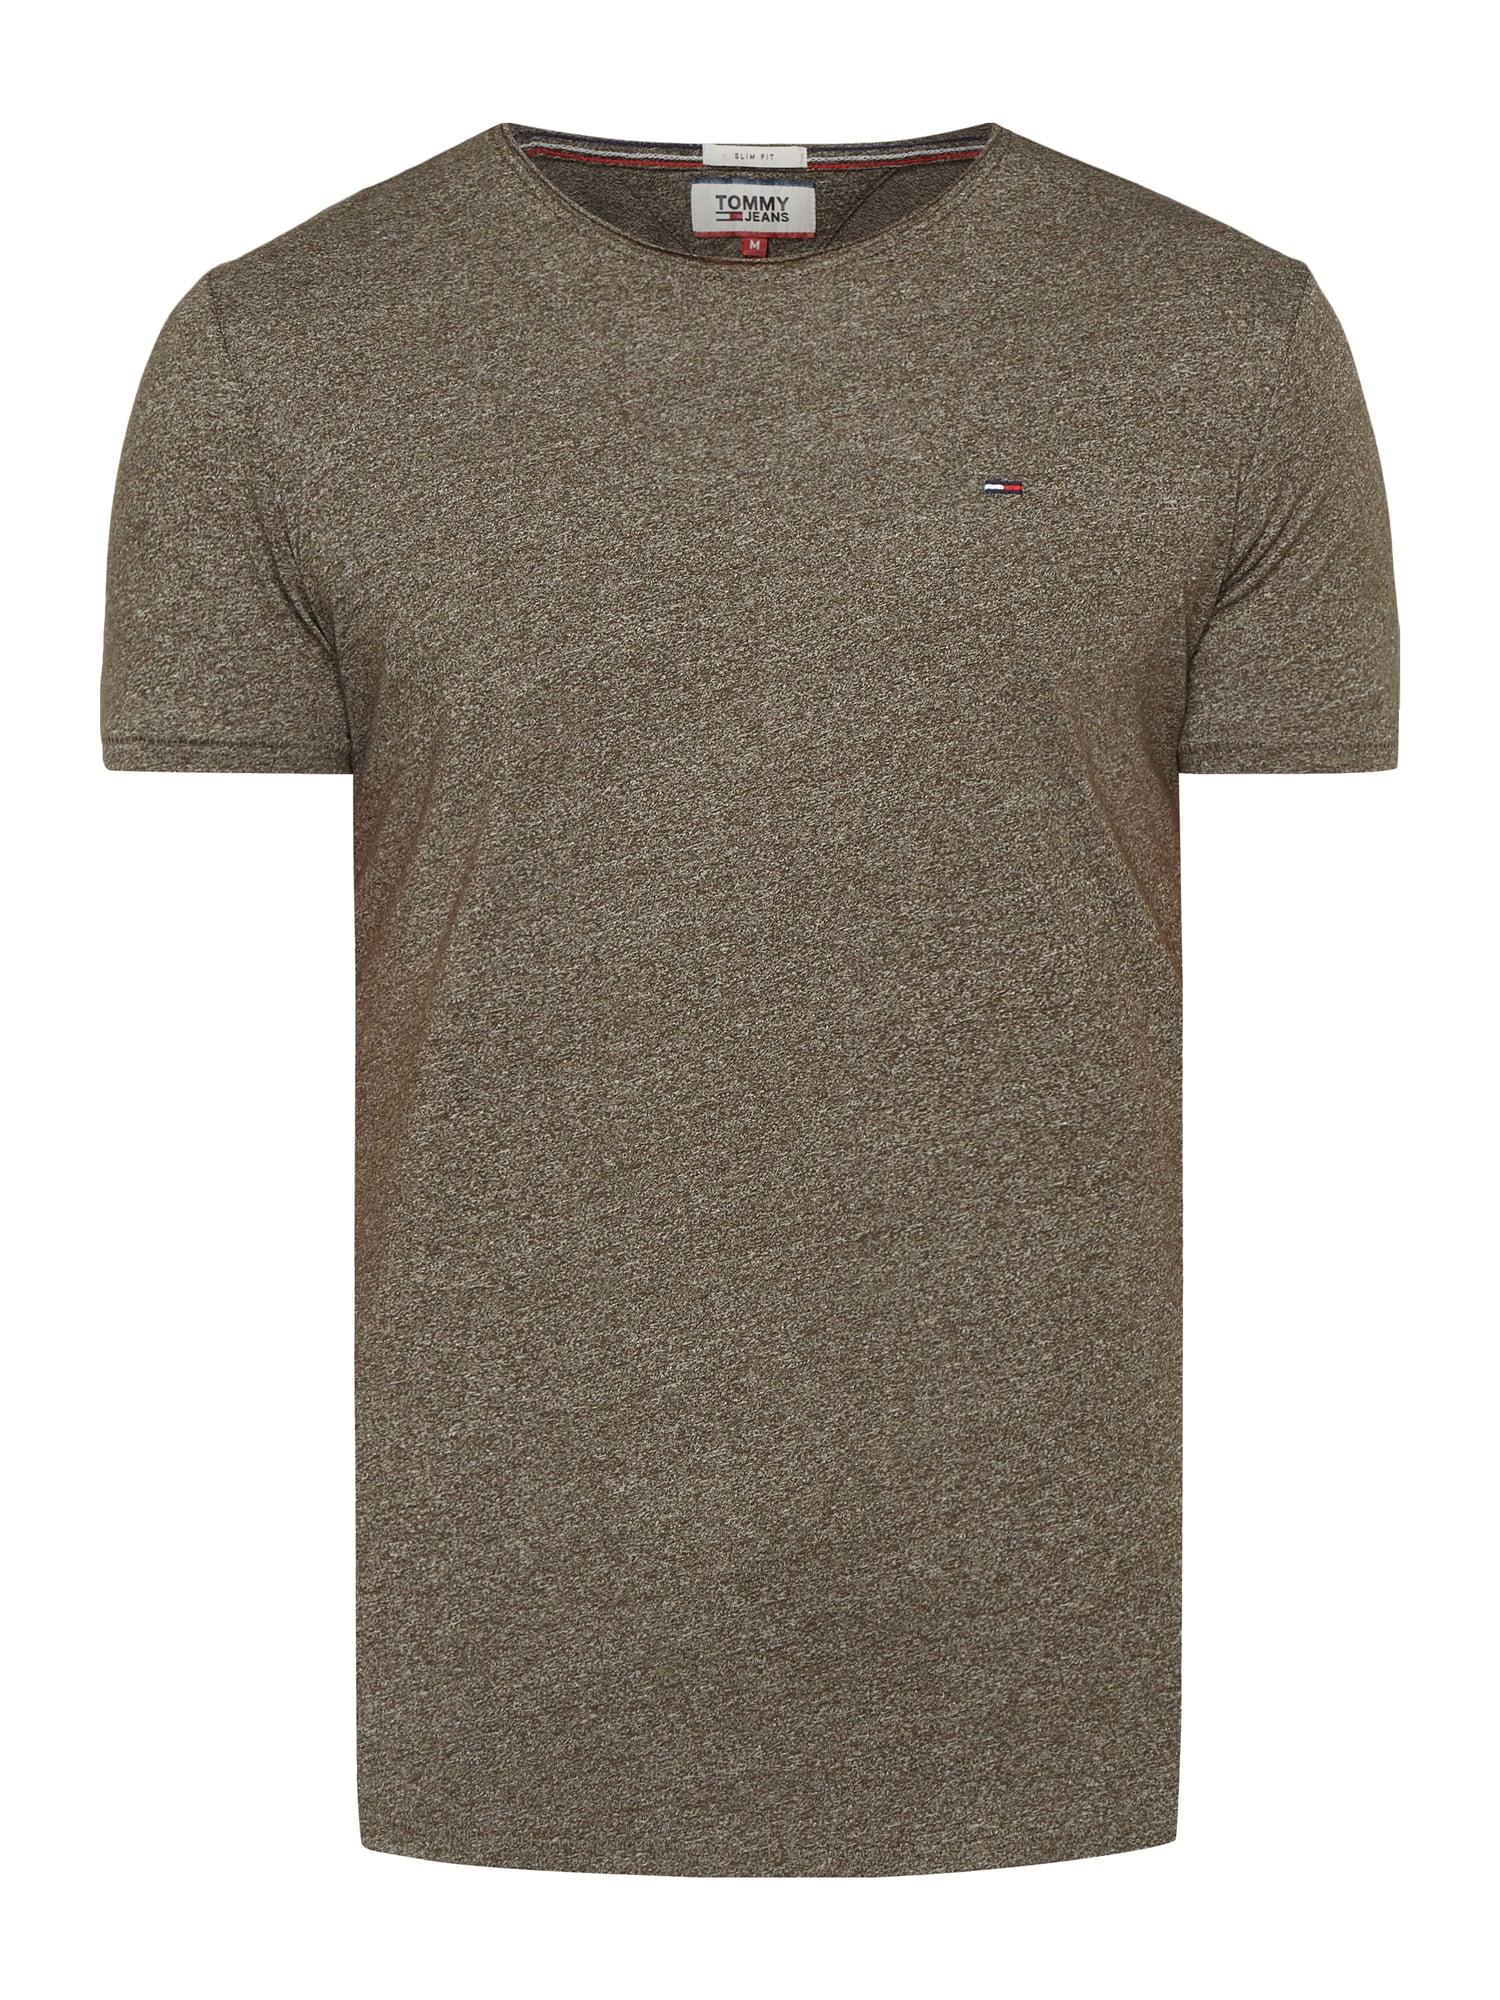 Tommy Hilfiger Jeans T-Shirt mit Logo-Stickerei in Dunkelgrau oder Olivgrün für 19,99€ (statt 33€)